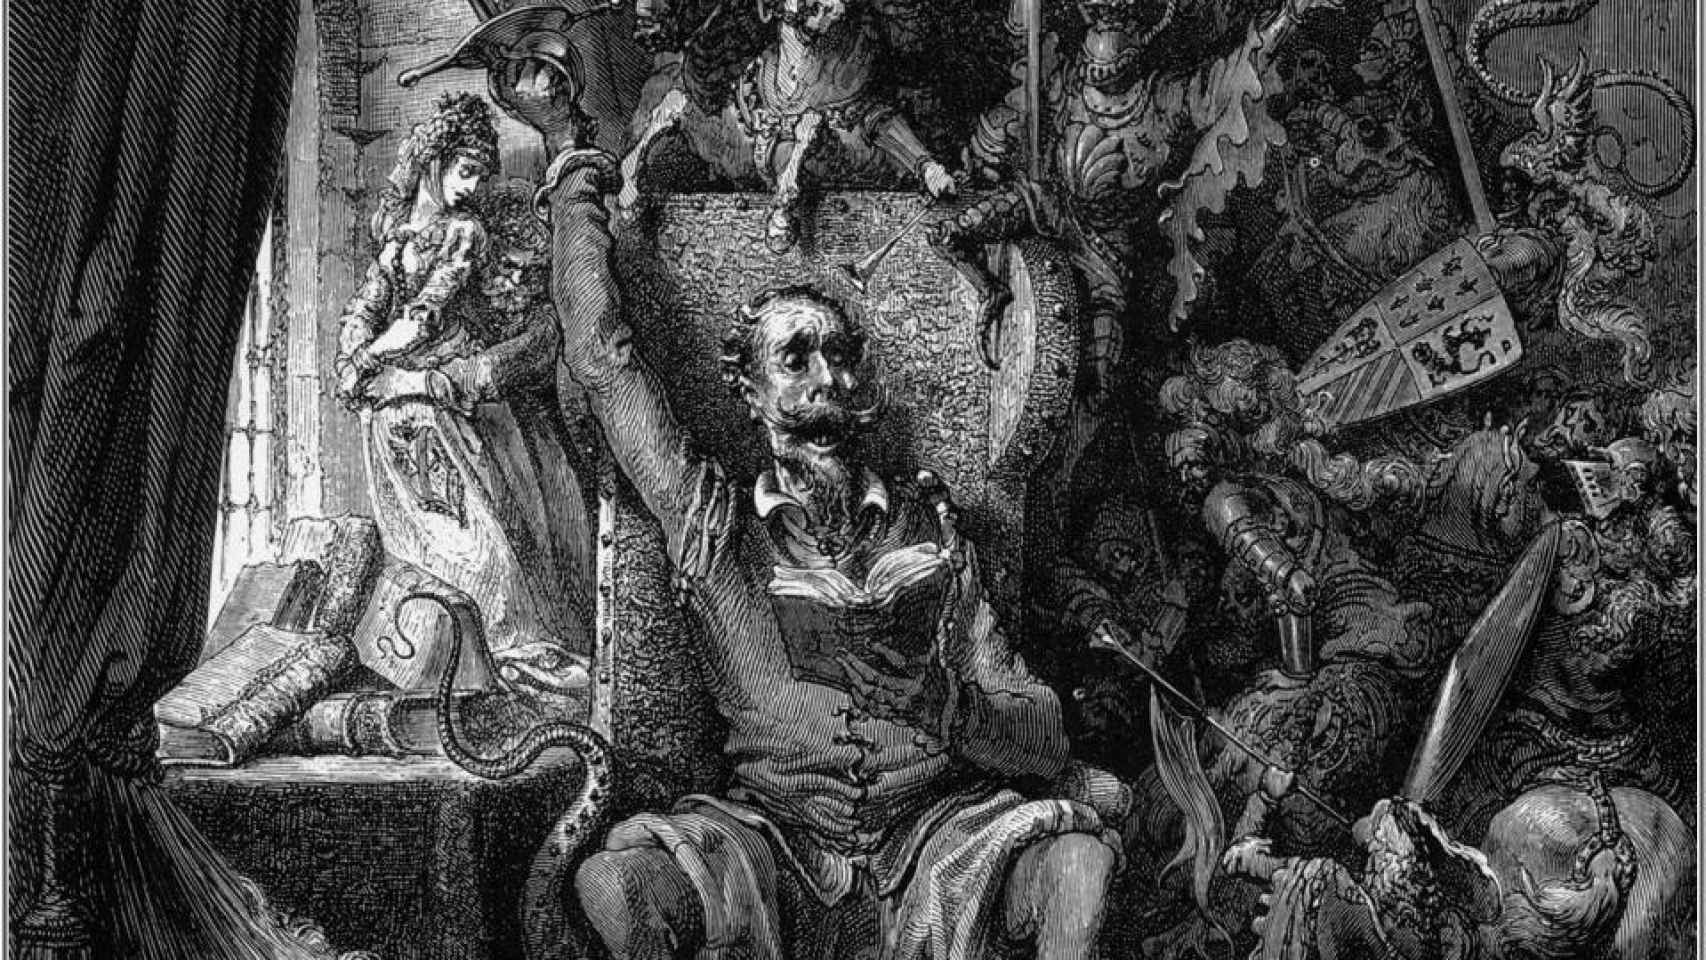 Don Quijote, entre sus libros, en la edición ilustrada por Doré de 1863